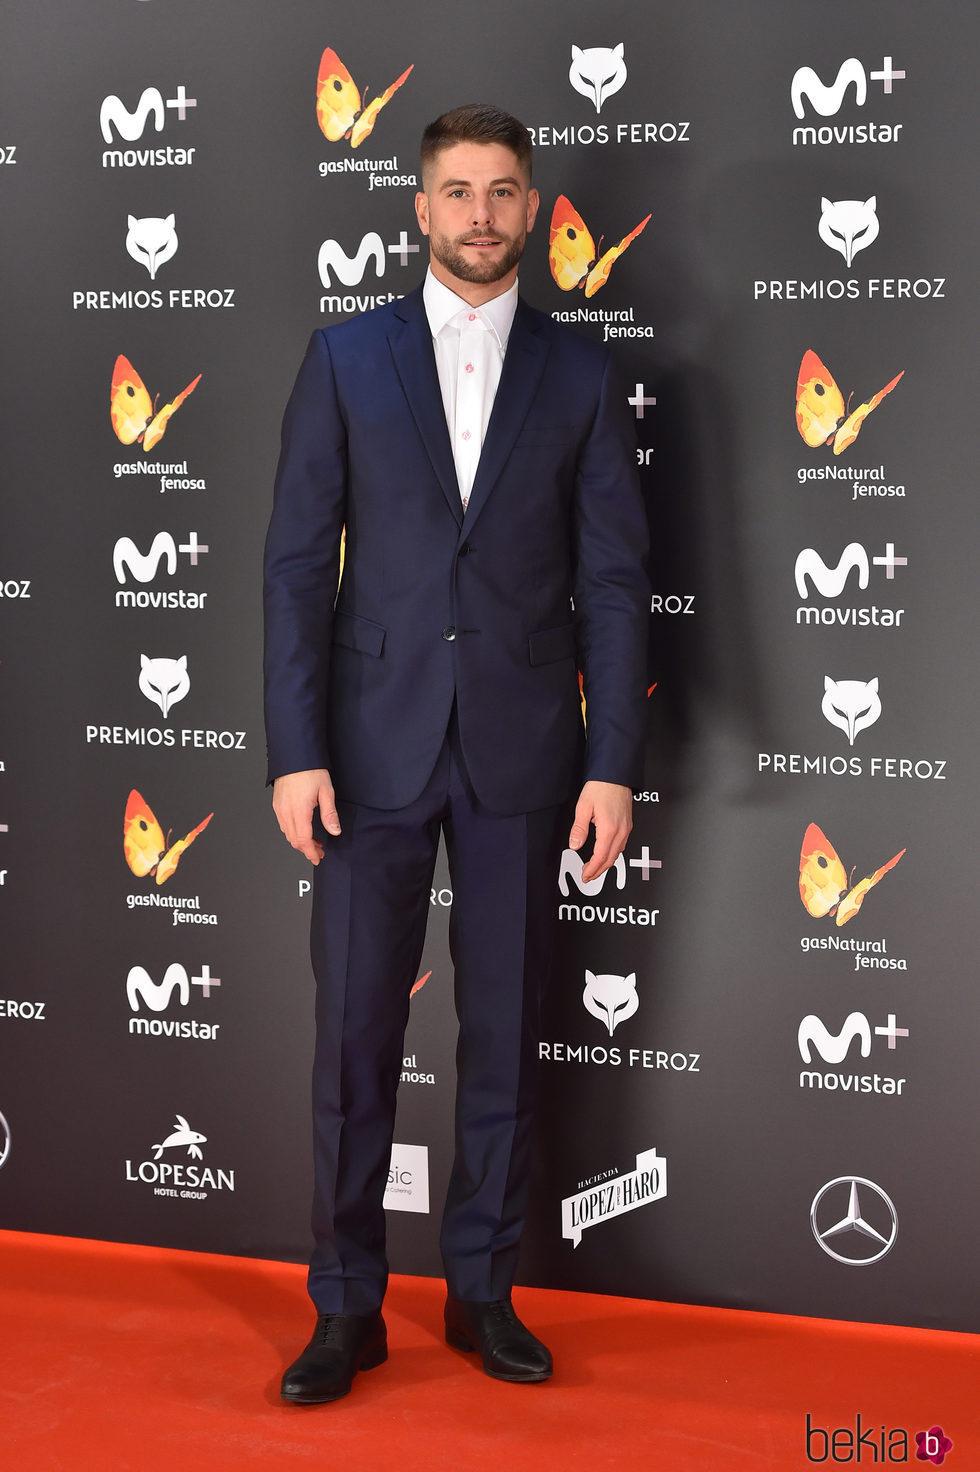 Luis fern ndez en la alfombra roja de los premios feroz - Alfombras los fernandez ...